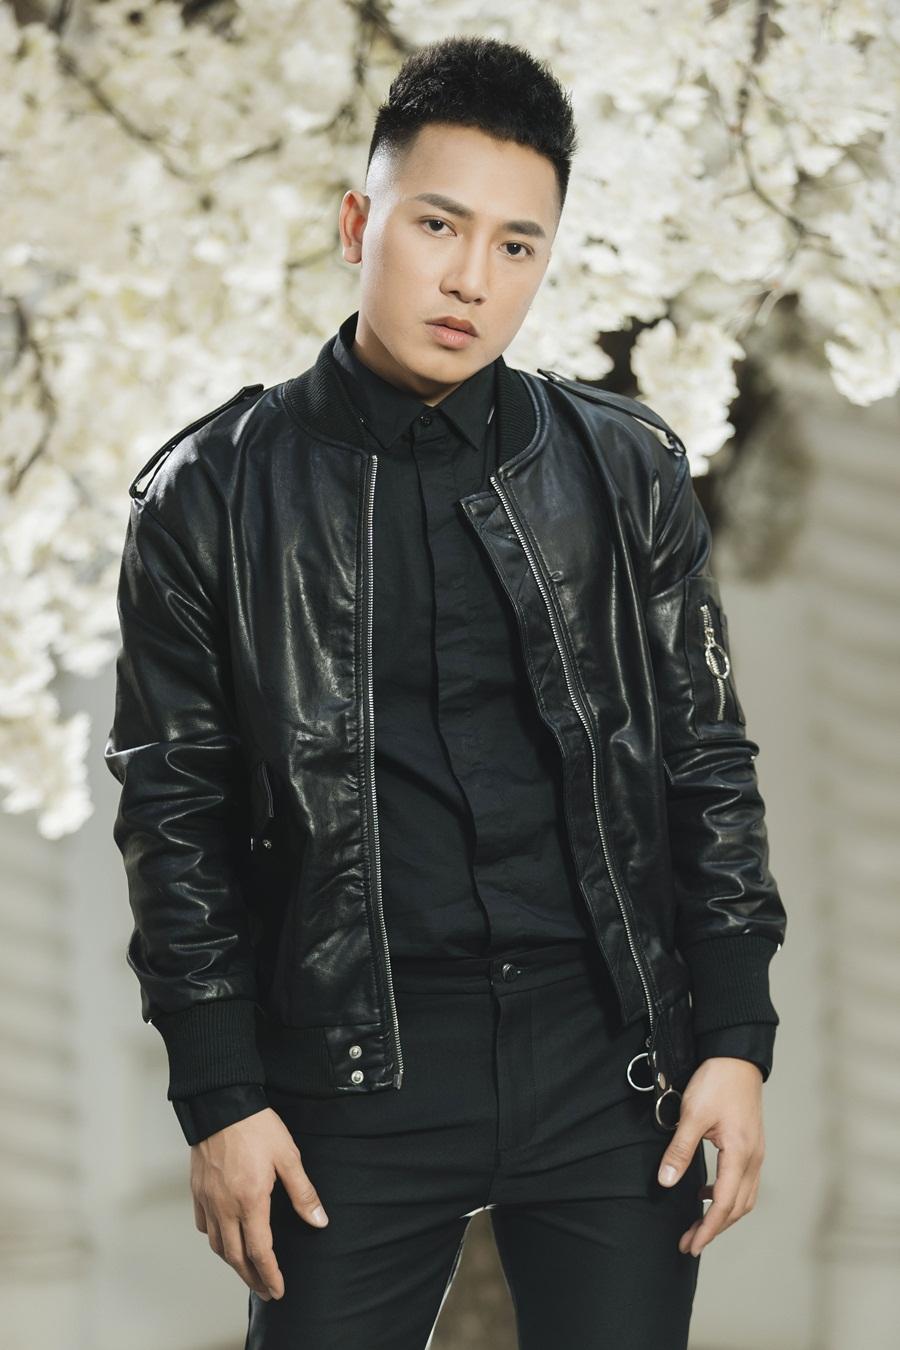 Cán mốc 100 triệu view, Châu Khải Phong đãi fan bằng MV phim ca nhạc mới - Ảnh 5.